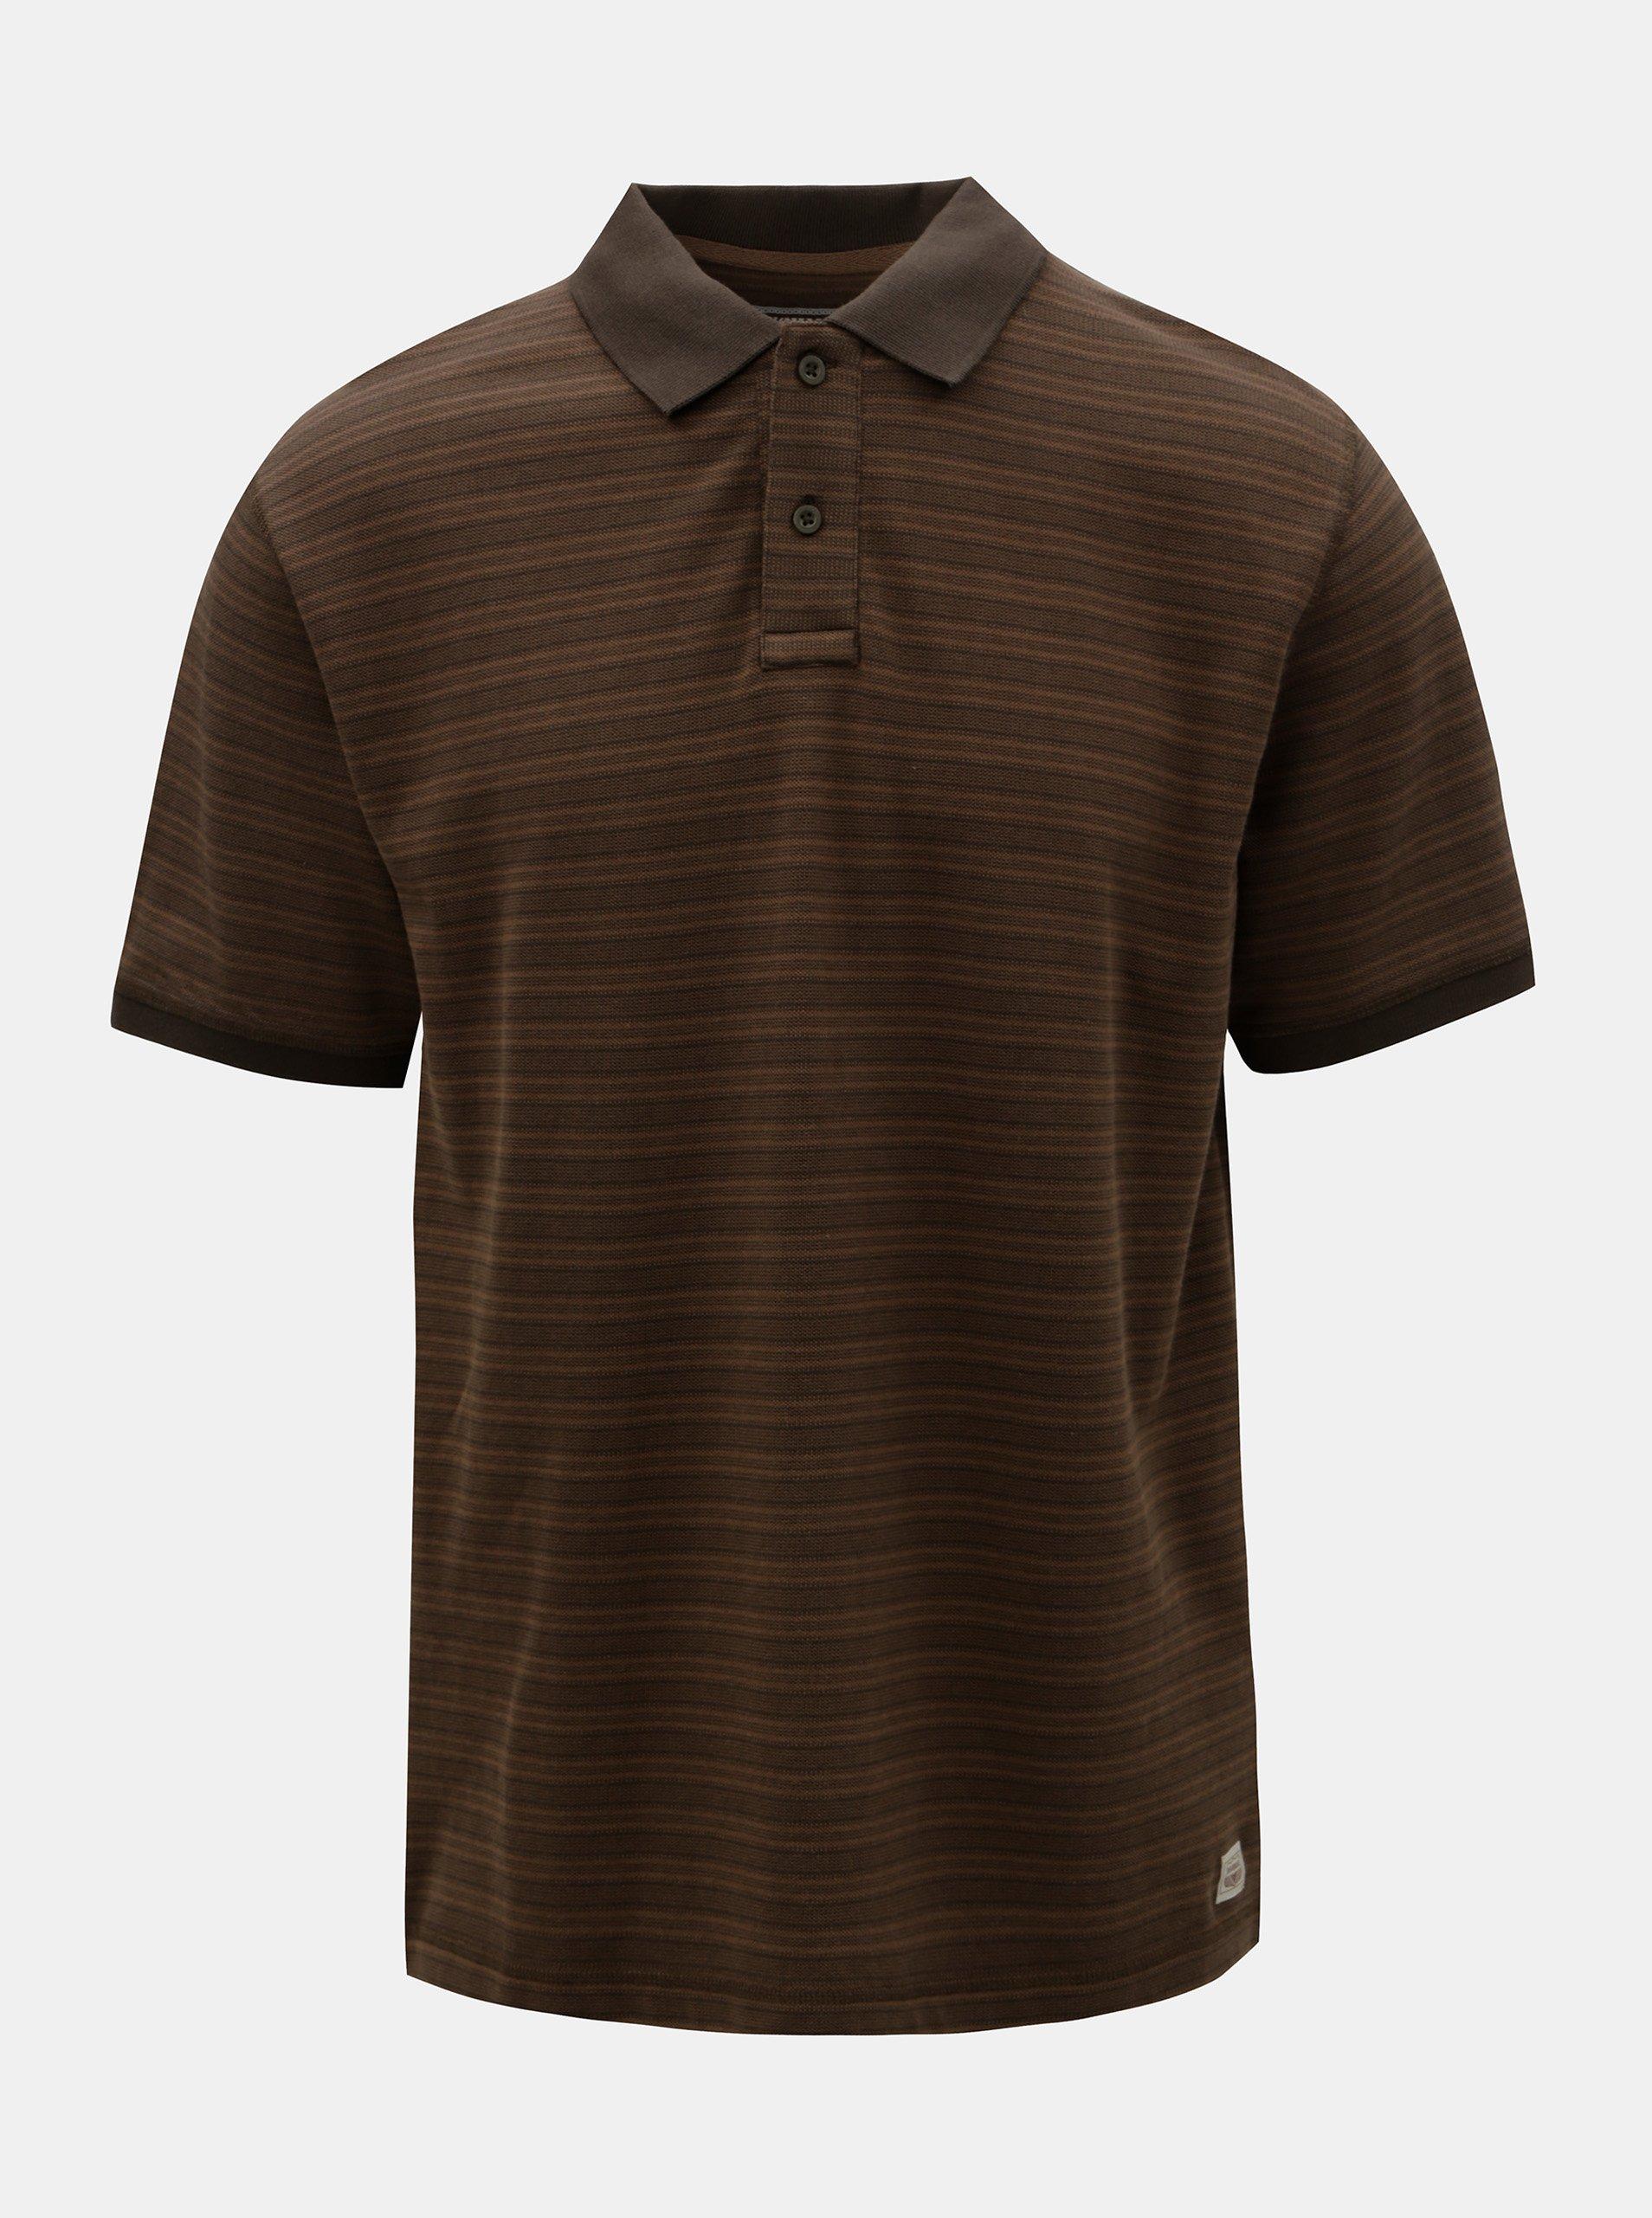 927b95a2b49 Hnědé pánské pruhované polo tričko BUSHMAN Roseglen